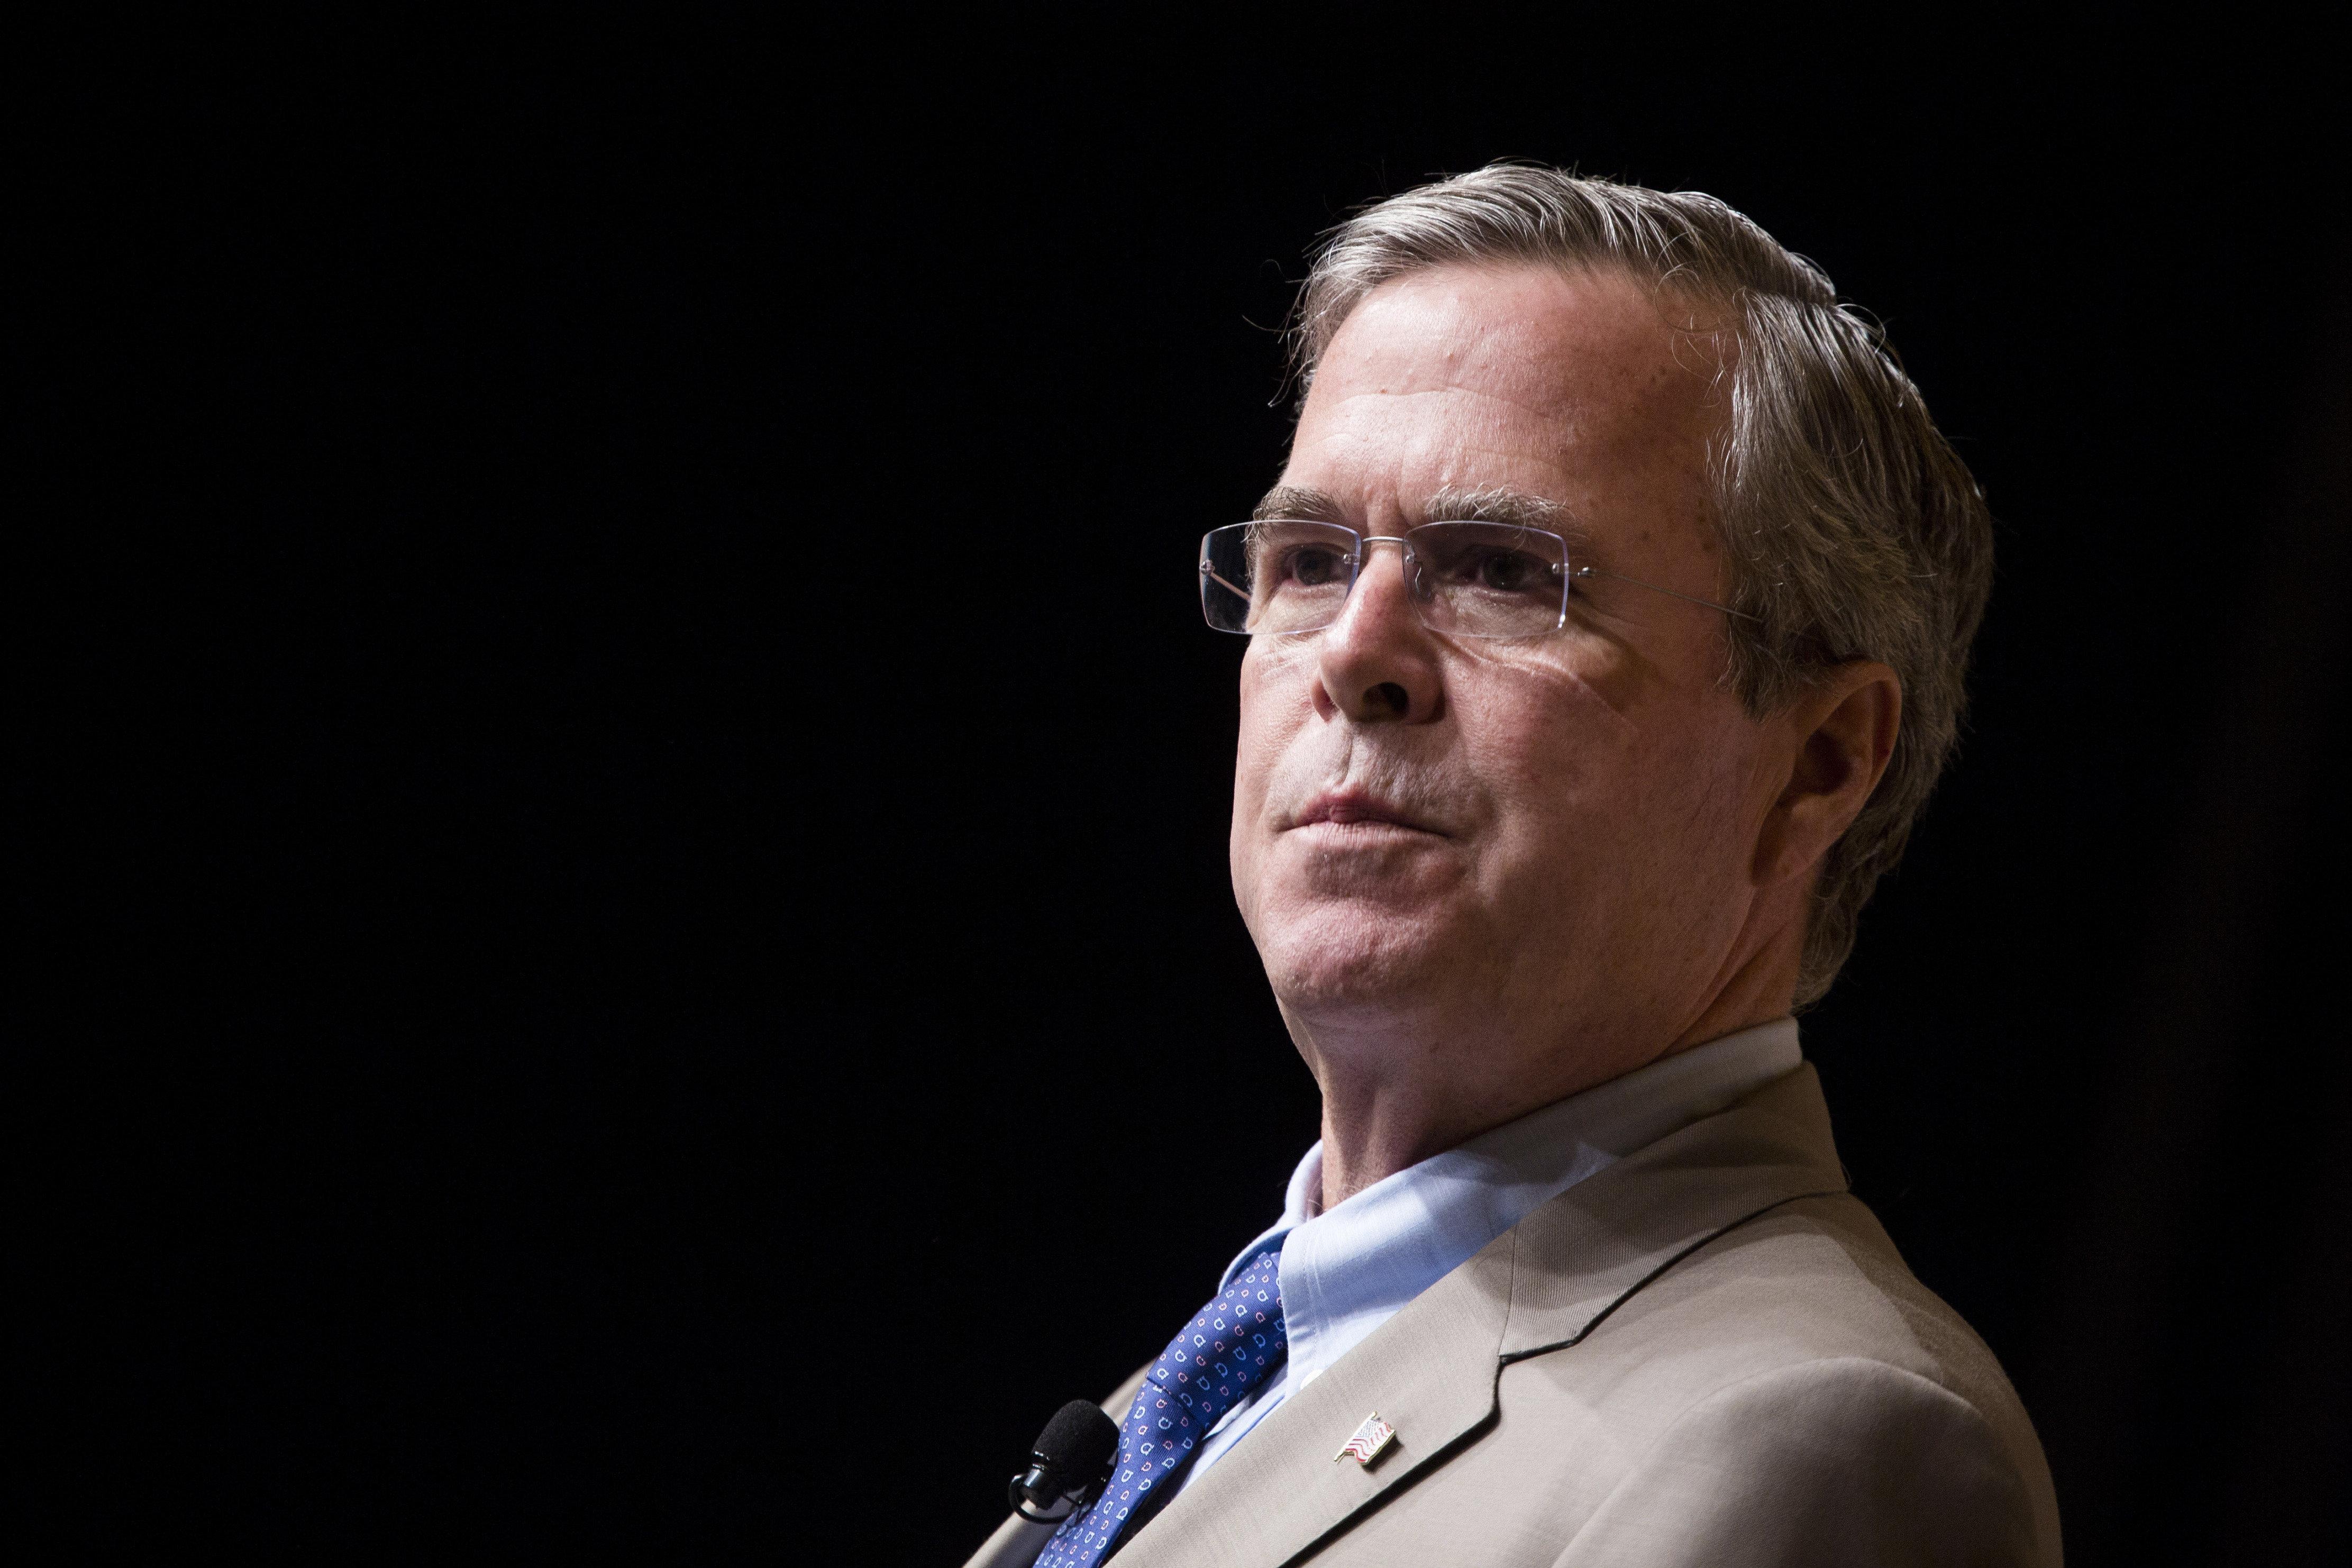 <p>Republican presidential candidate Jeb Bush.</p>